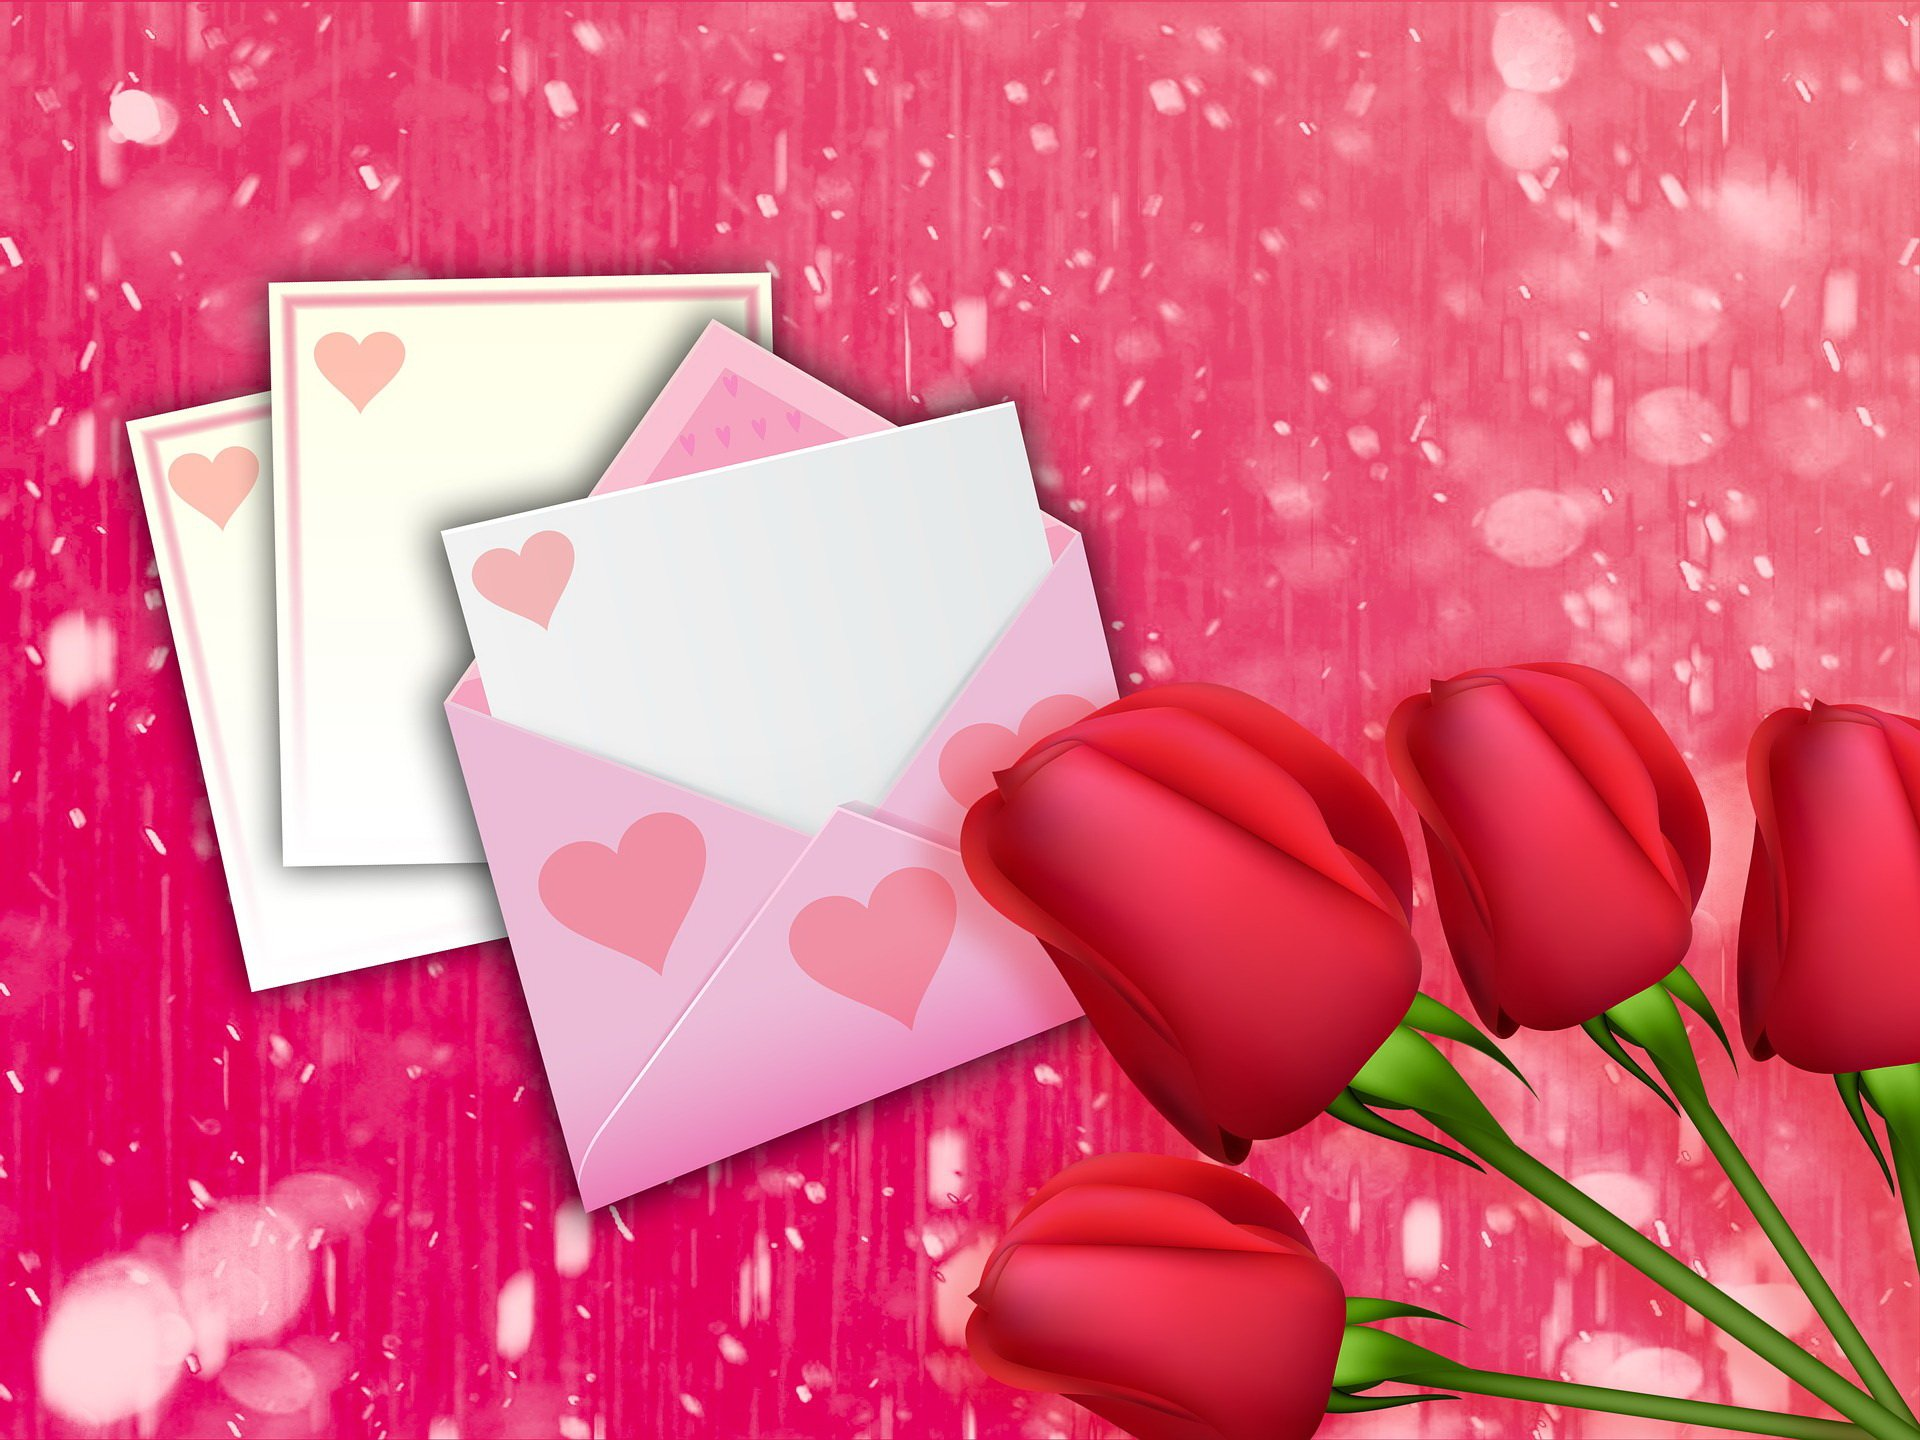 Marzę Tylko Wierszyki Miłosne Dla Niego Na Walentynki